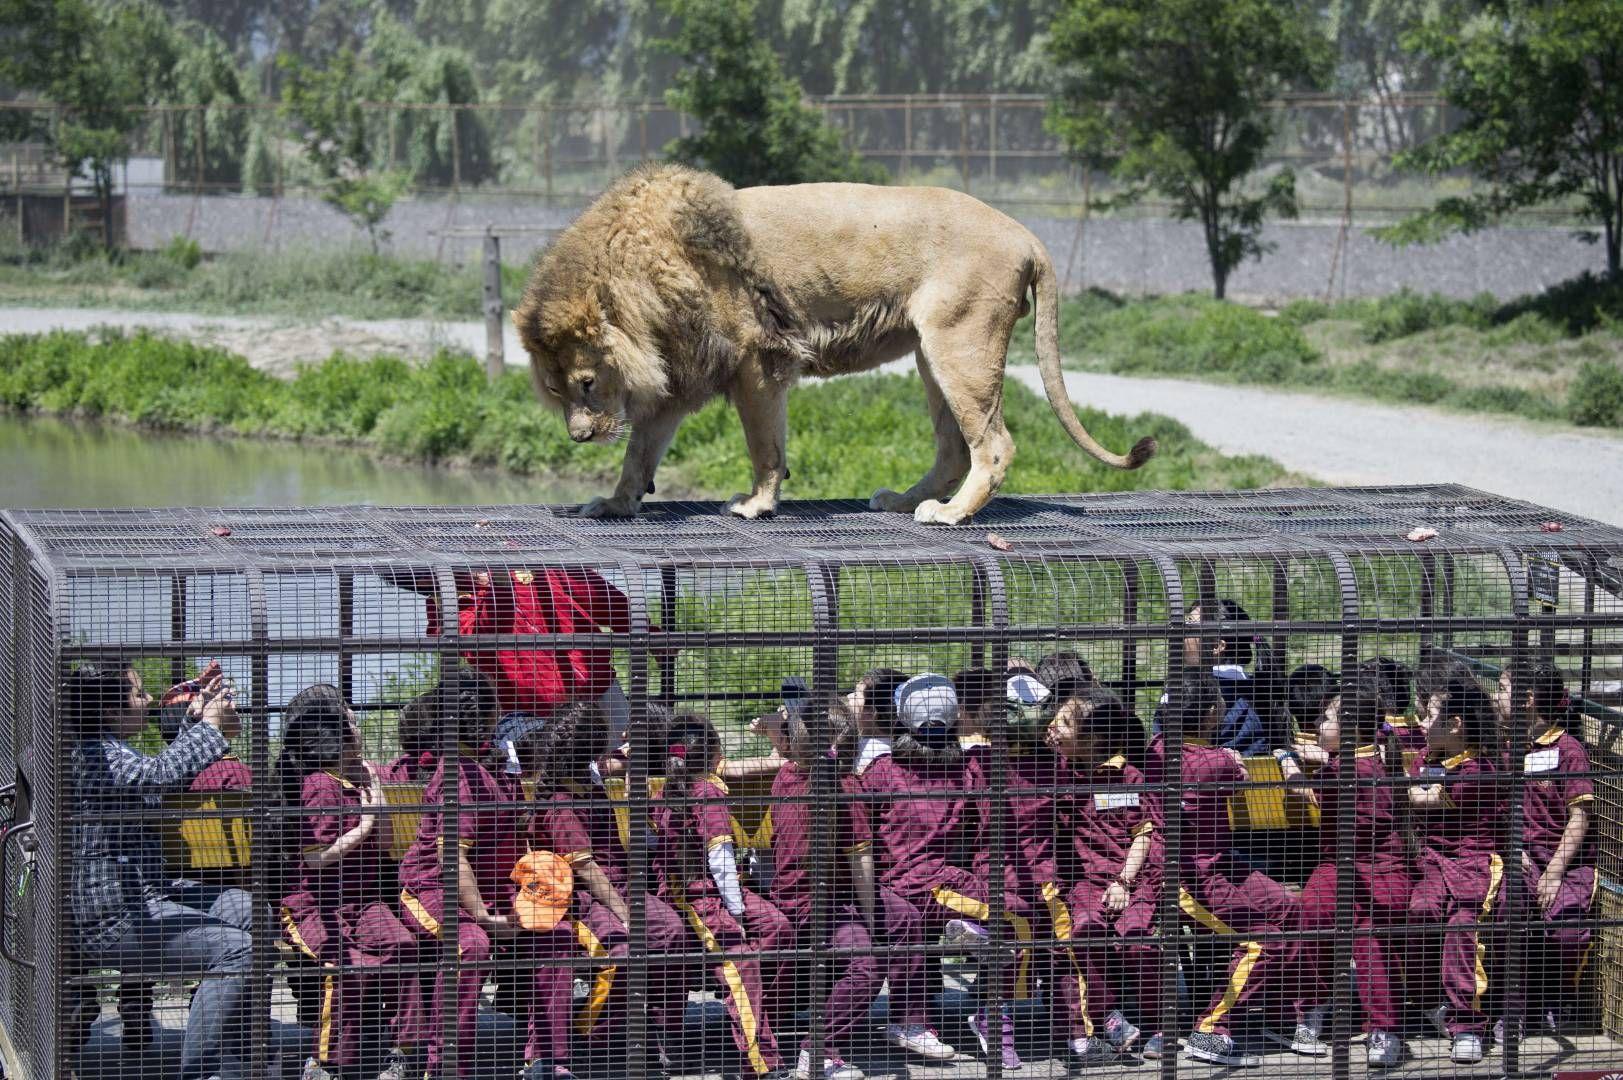 Dagens pletskud: Tør du besøge denne Zoo? | Nyhederne.tv2.dk